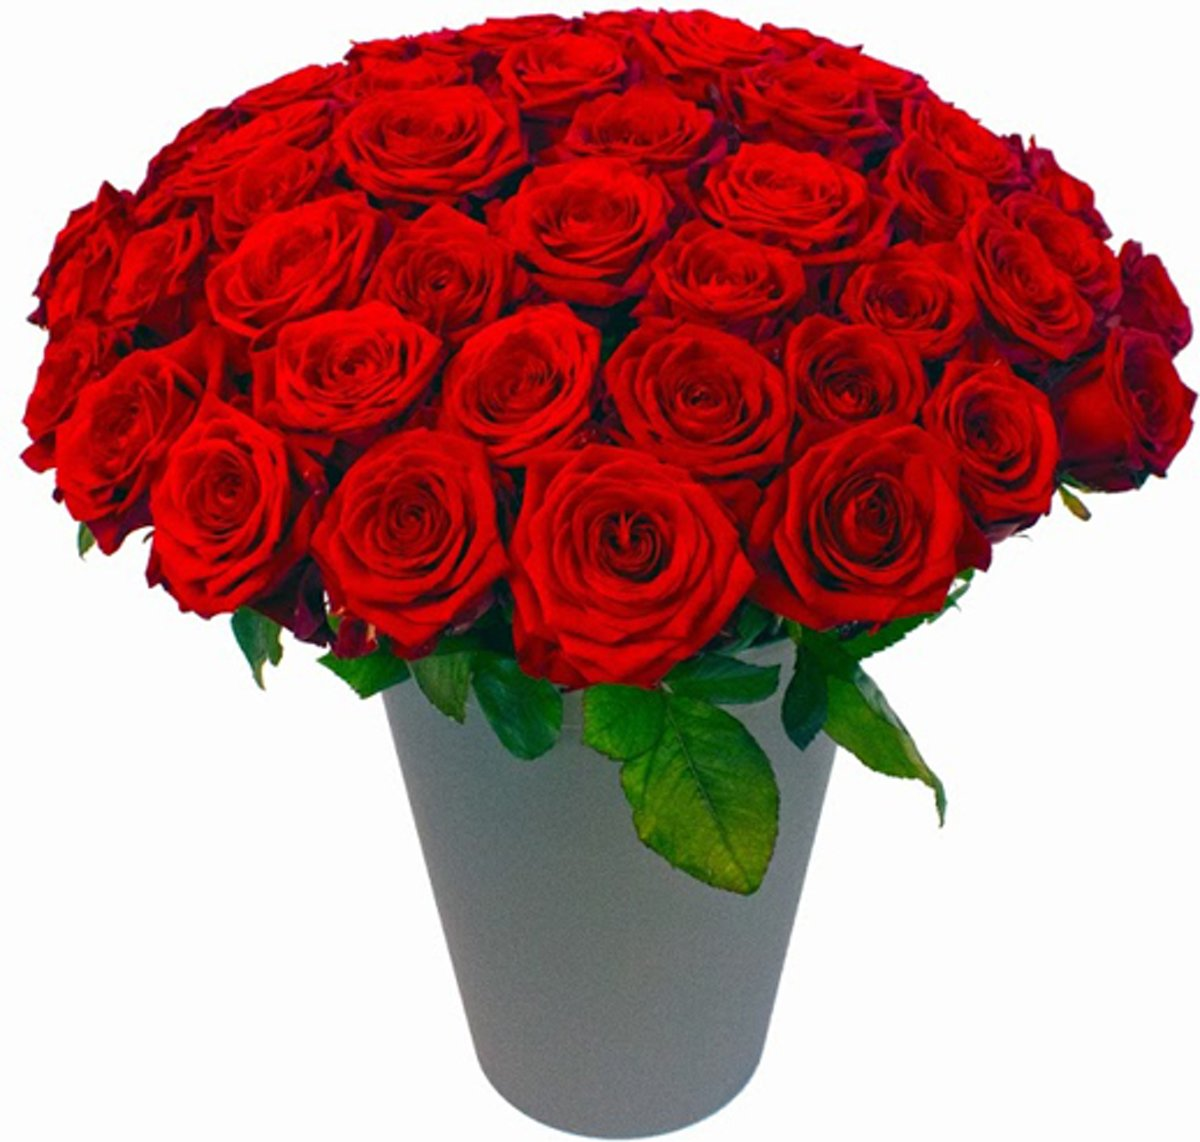 65 rode rozen in vaas kopen